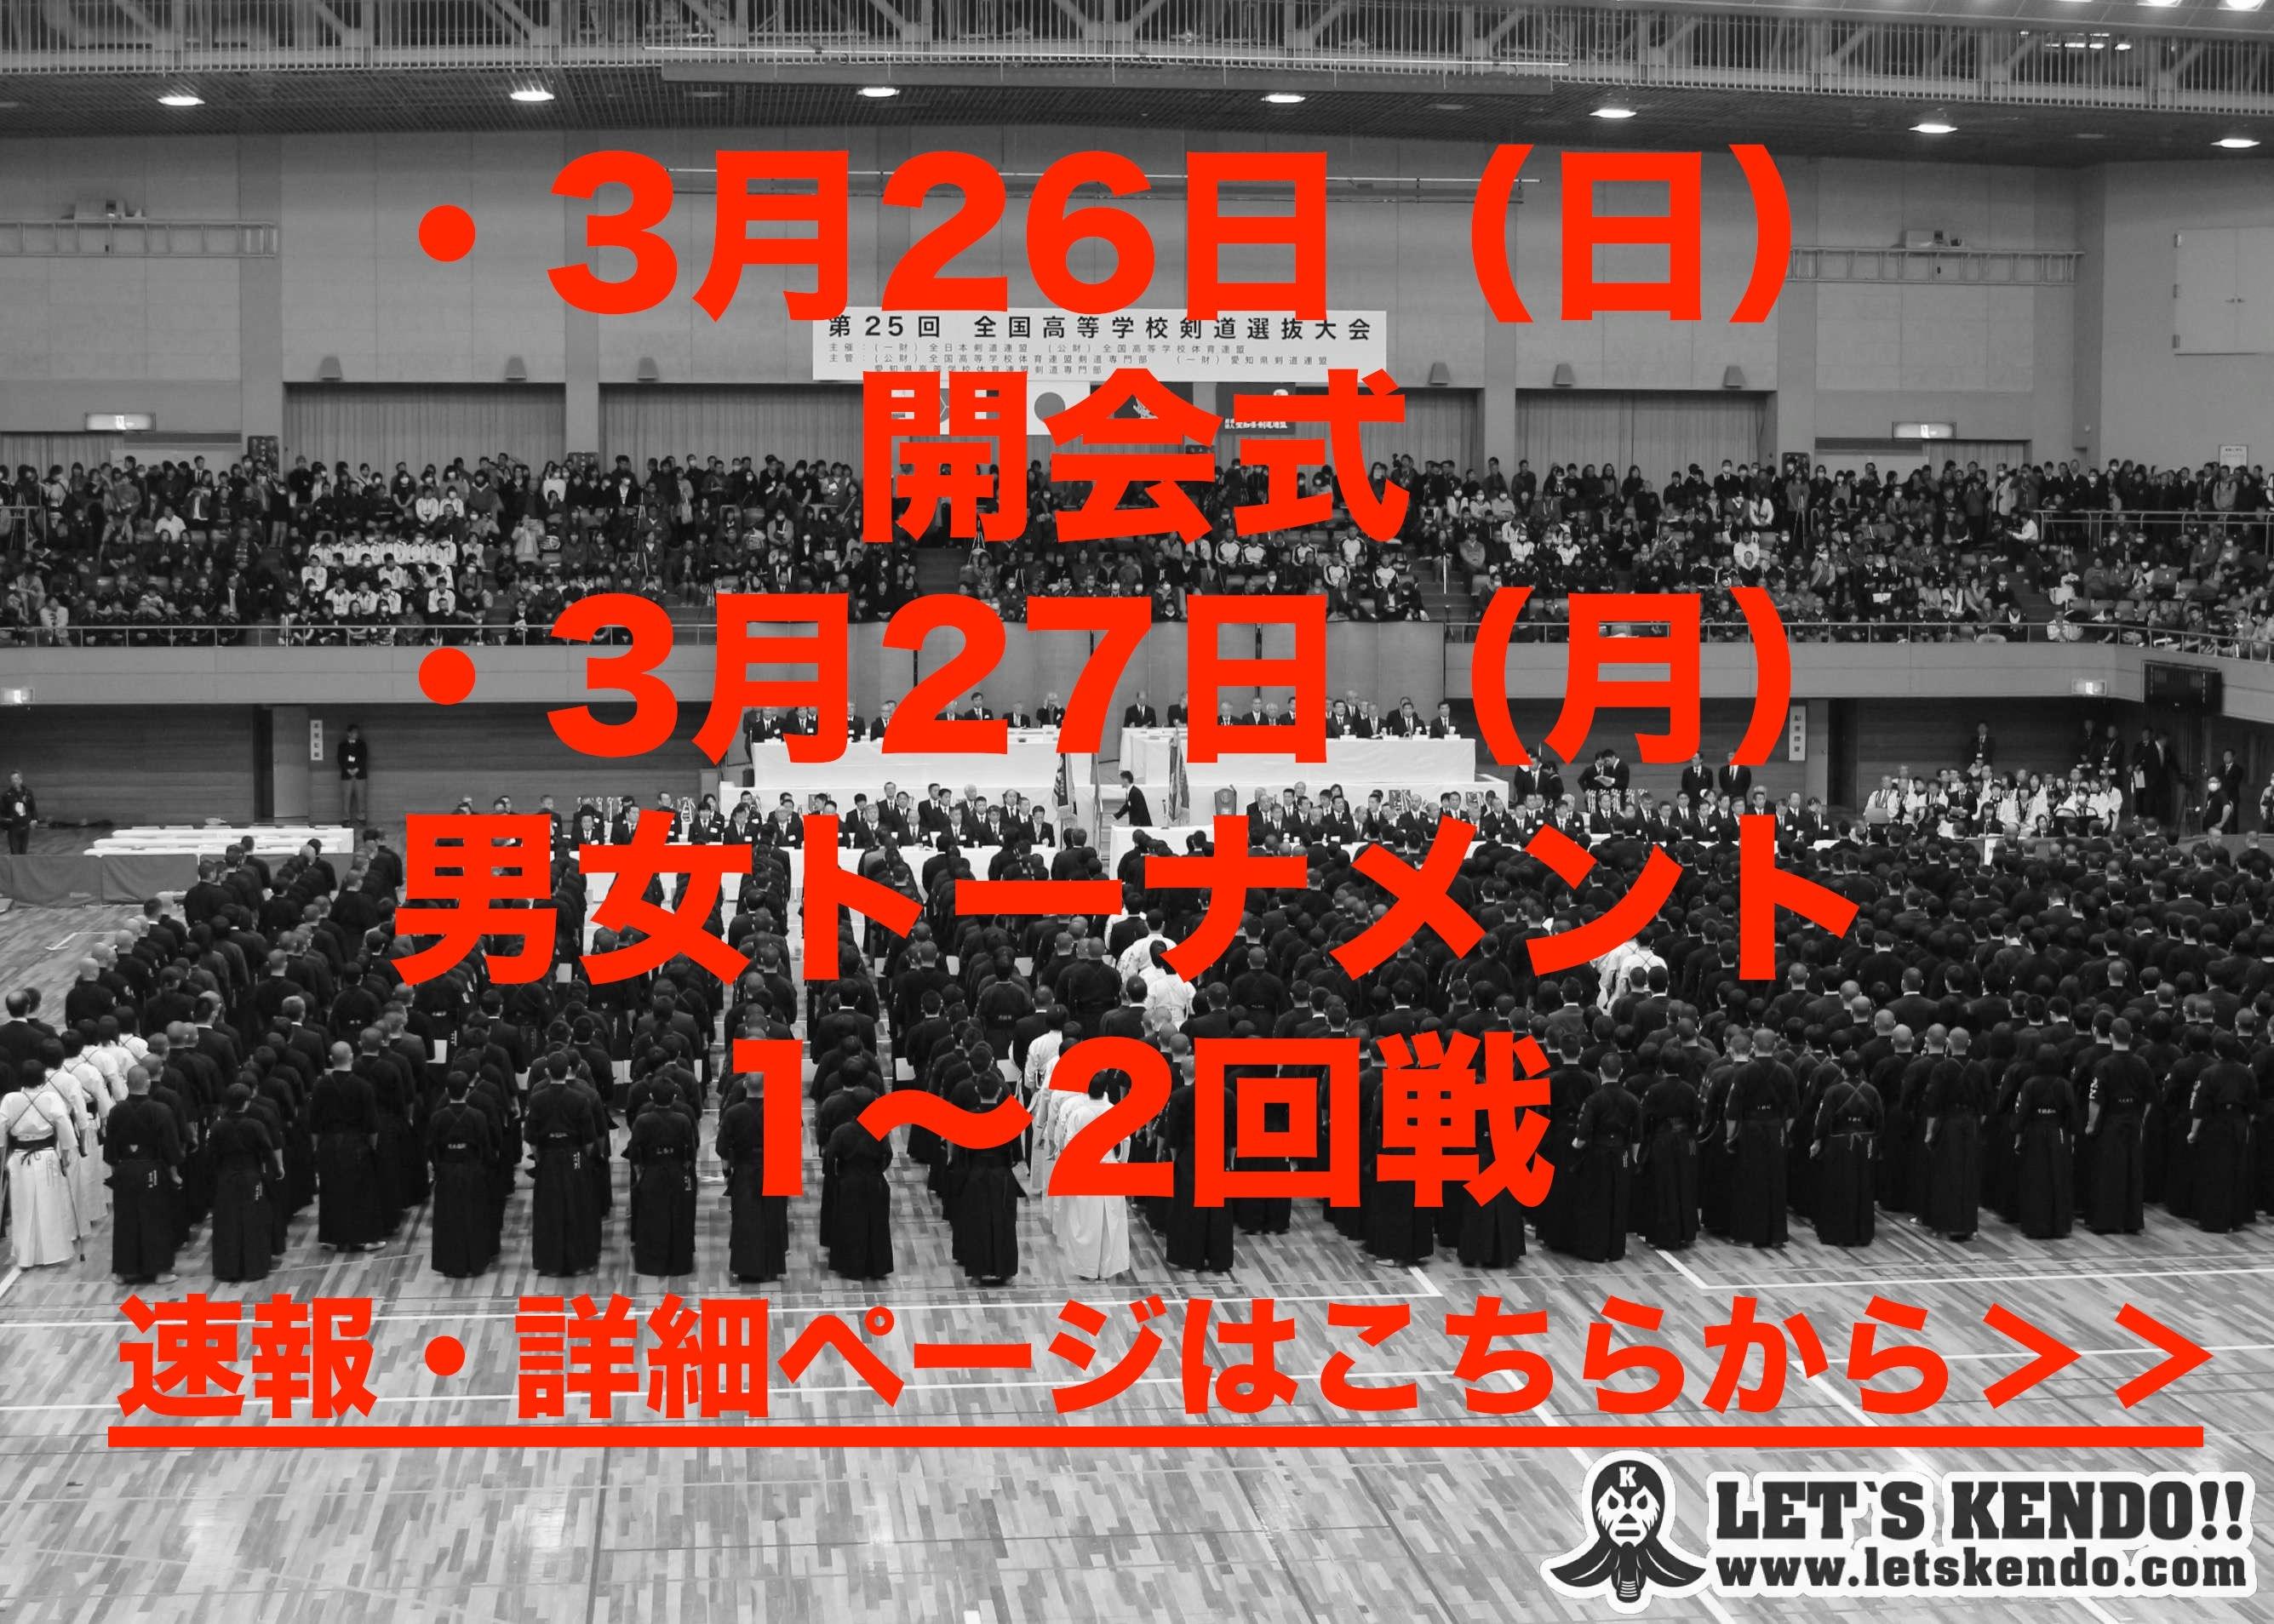 【3/26開会式 3/27序盤戦】第26回全国高校剣道選抜大会